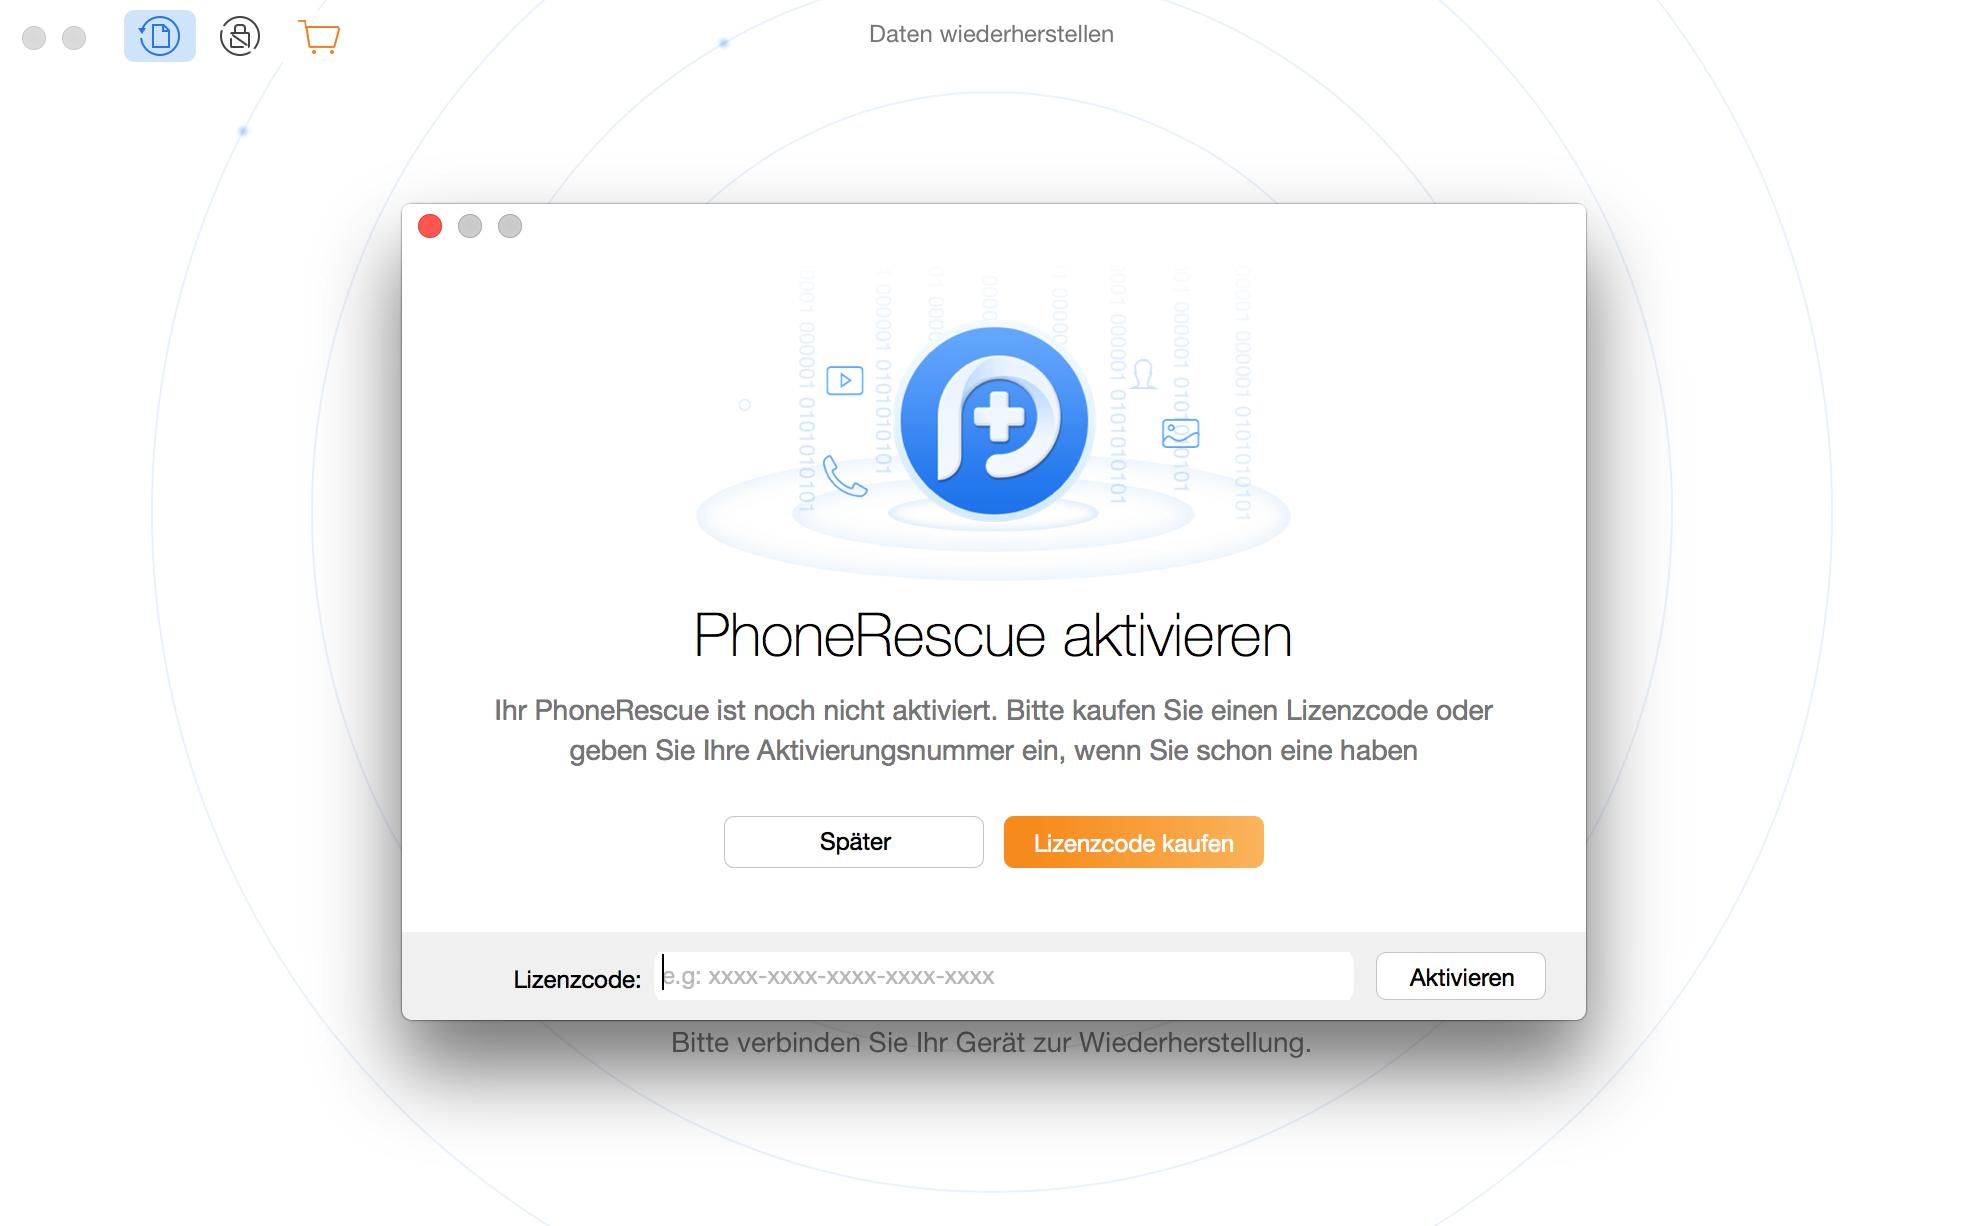 PhoneRescue für LG registrieren